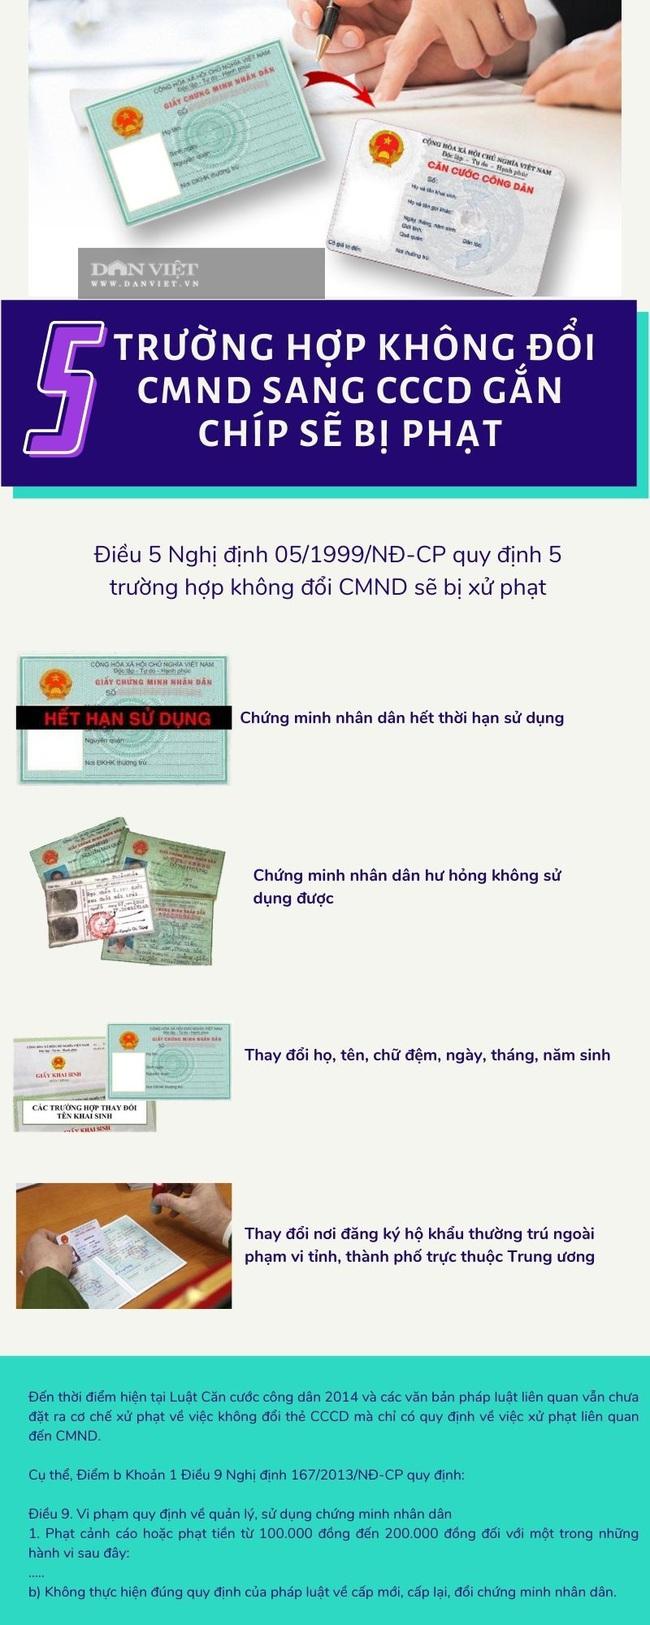 5 trường hợp không đổi CMND sang thẻ căn cước gắn chíp sẽ bị phạt - Ảnh 1.